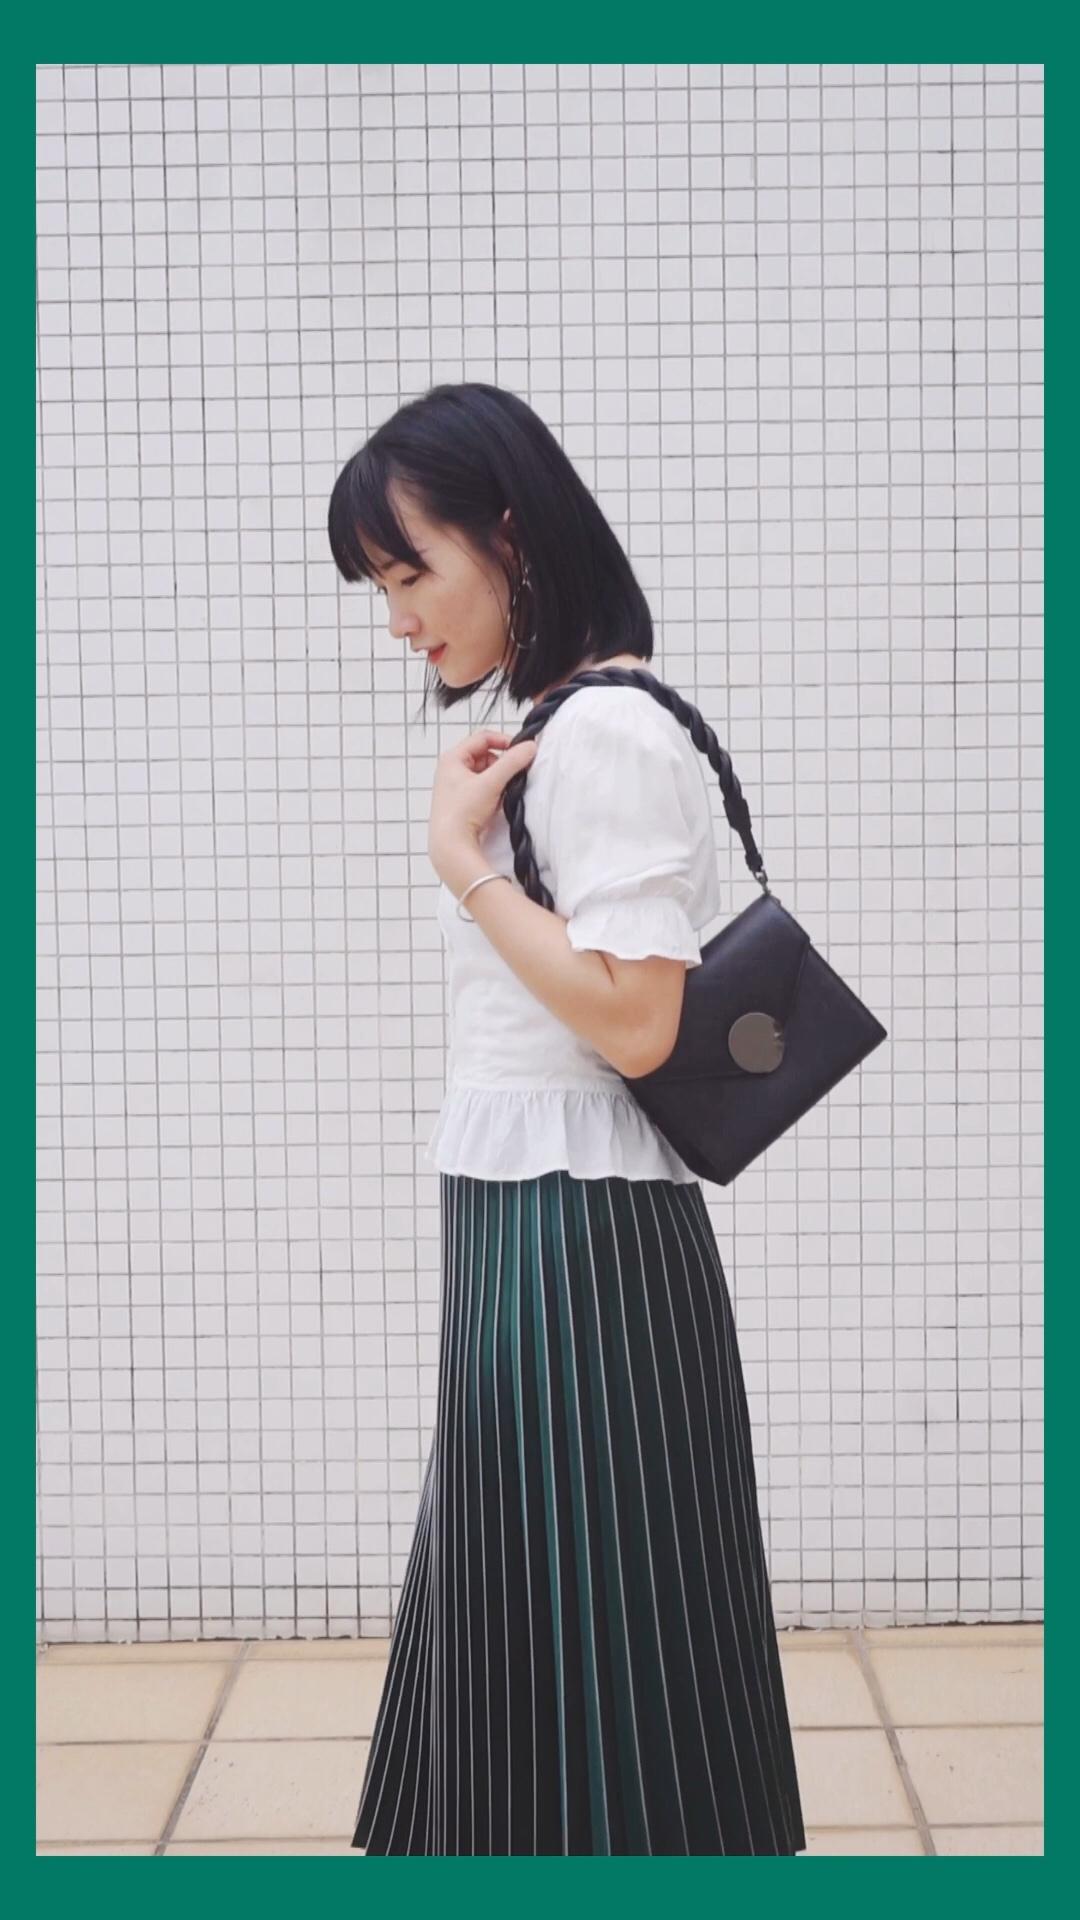 #夏日显白穿搭,完胜美白针!#   绿色百褶裙 很是气质 大裙摆什么身材都能驾驭 搭配了修身小短袖 袖口细节很可爱 衣服下摆的处理能很好的修饰腰身 硬币项链点缀的恰到好处